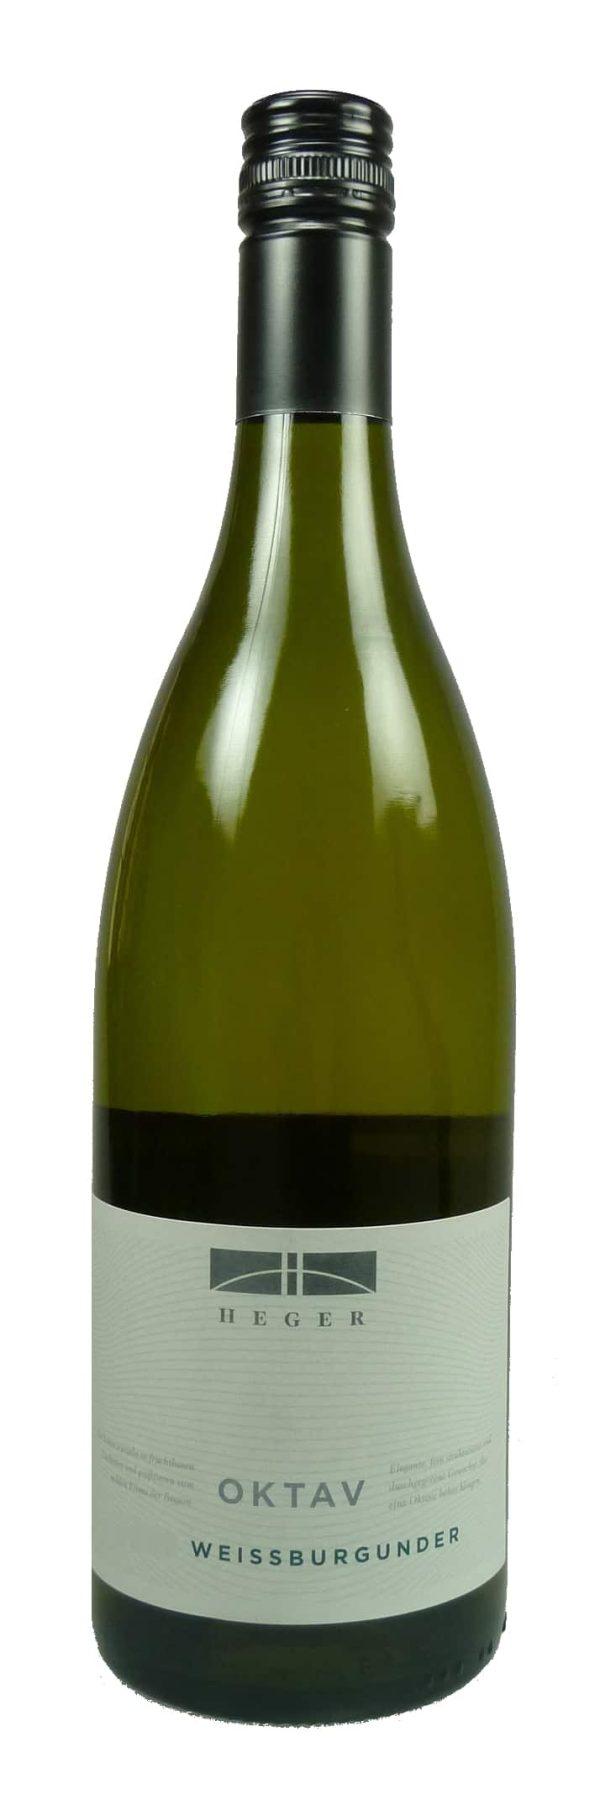 Oktav Weißburgunder Qualitätswein trocken 2016